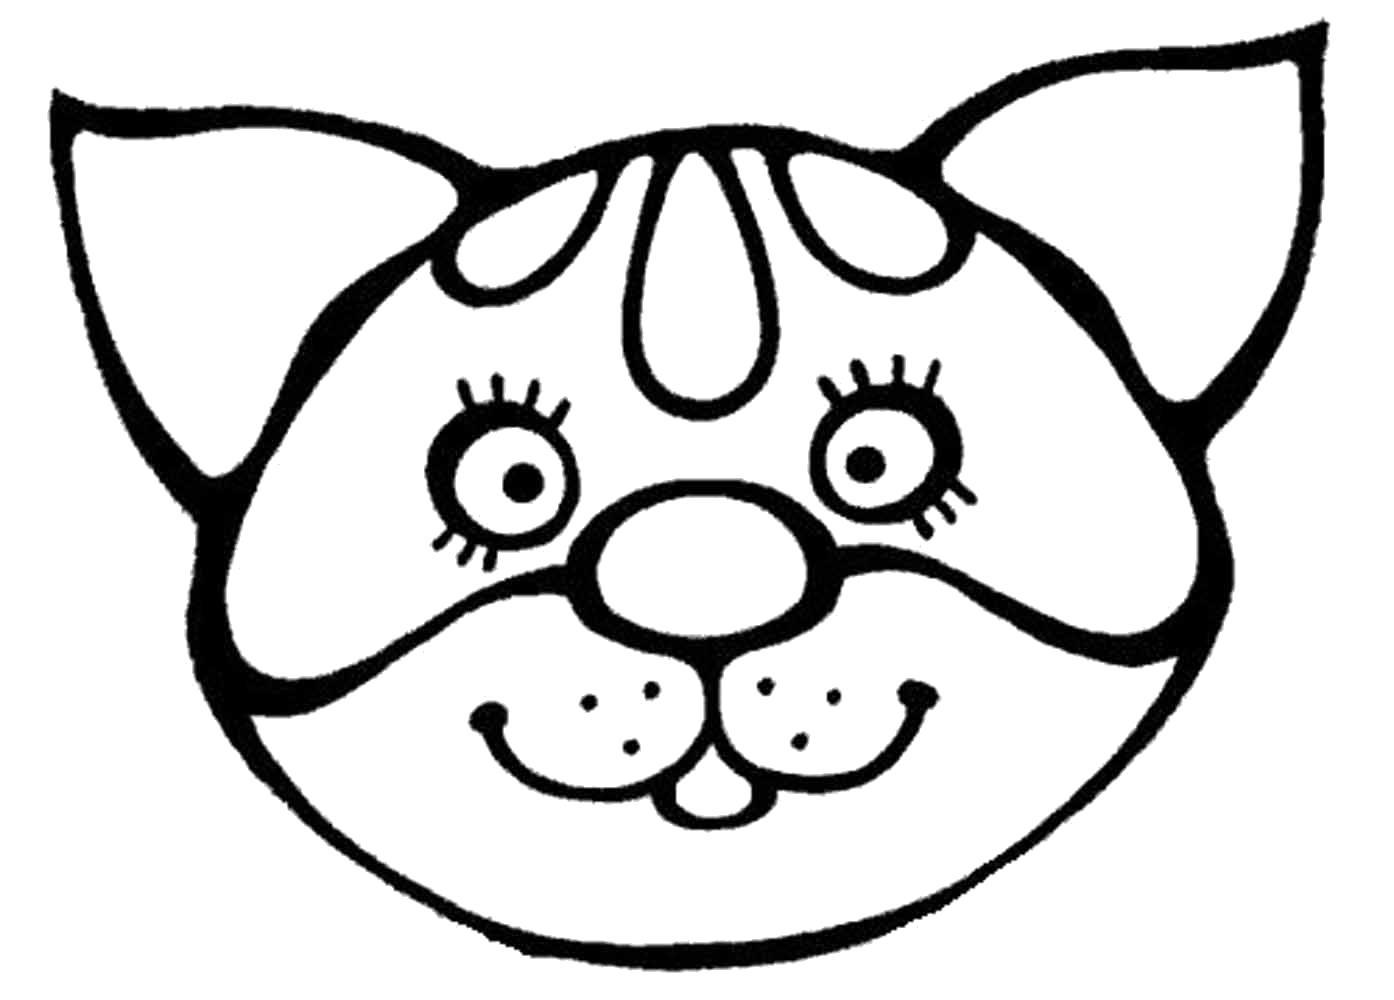 лица домашних животных картинки удивлены, что